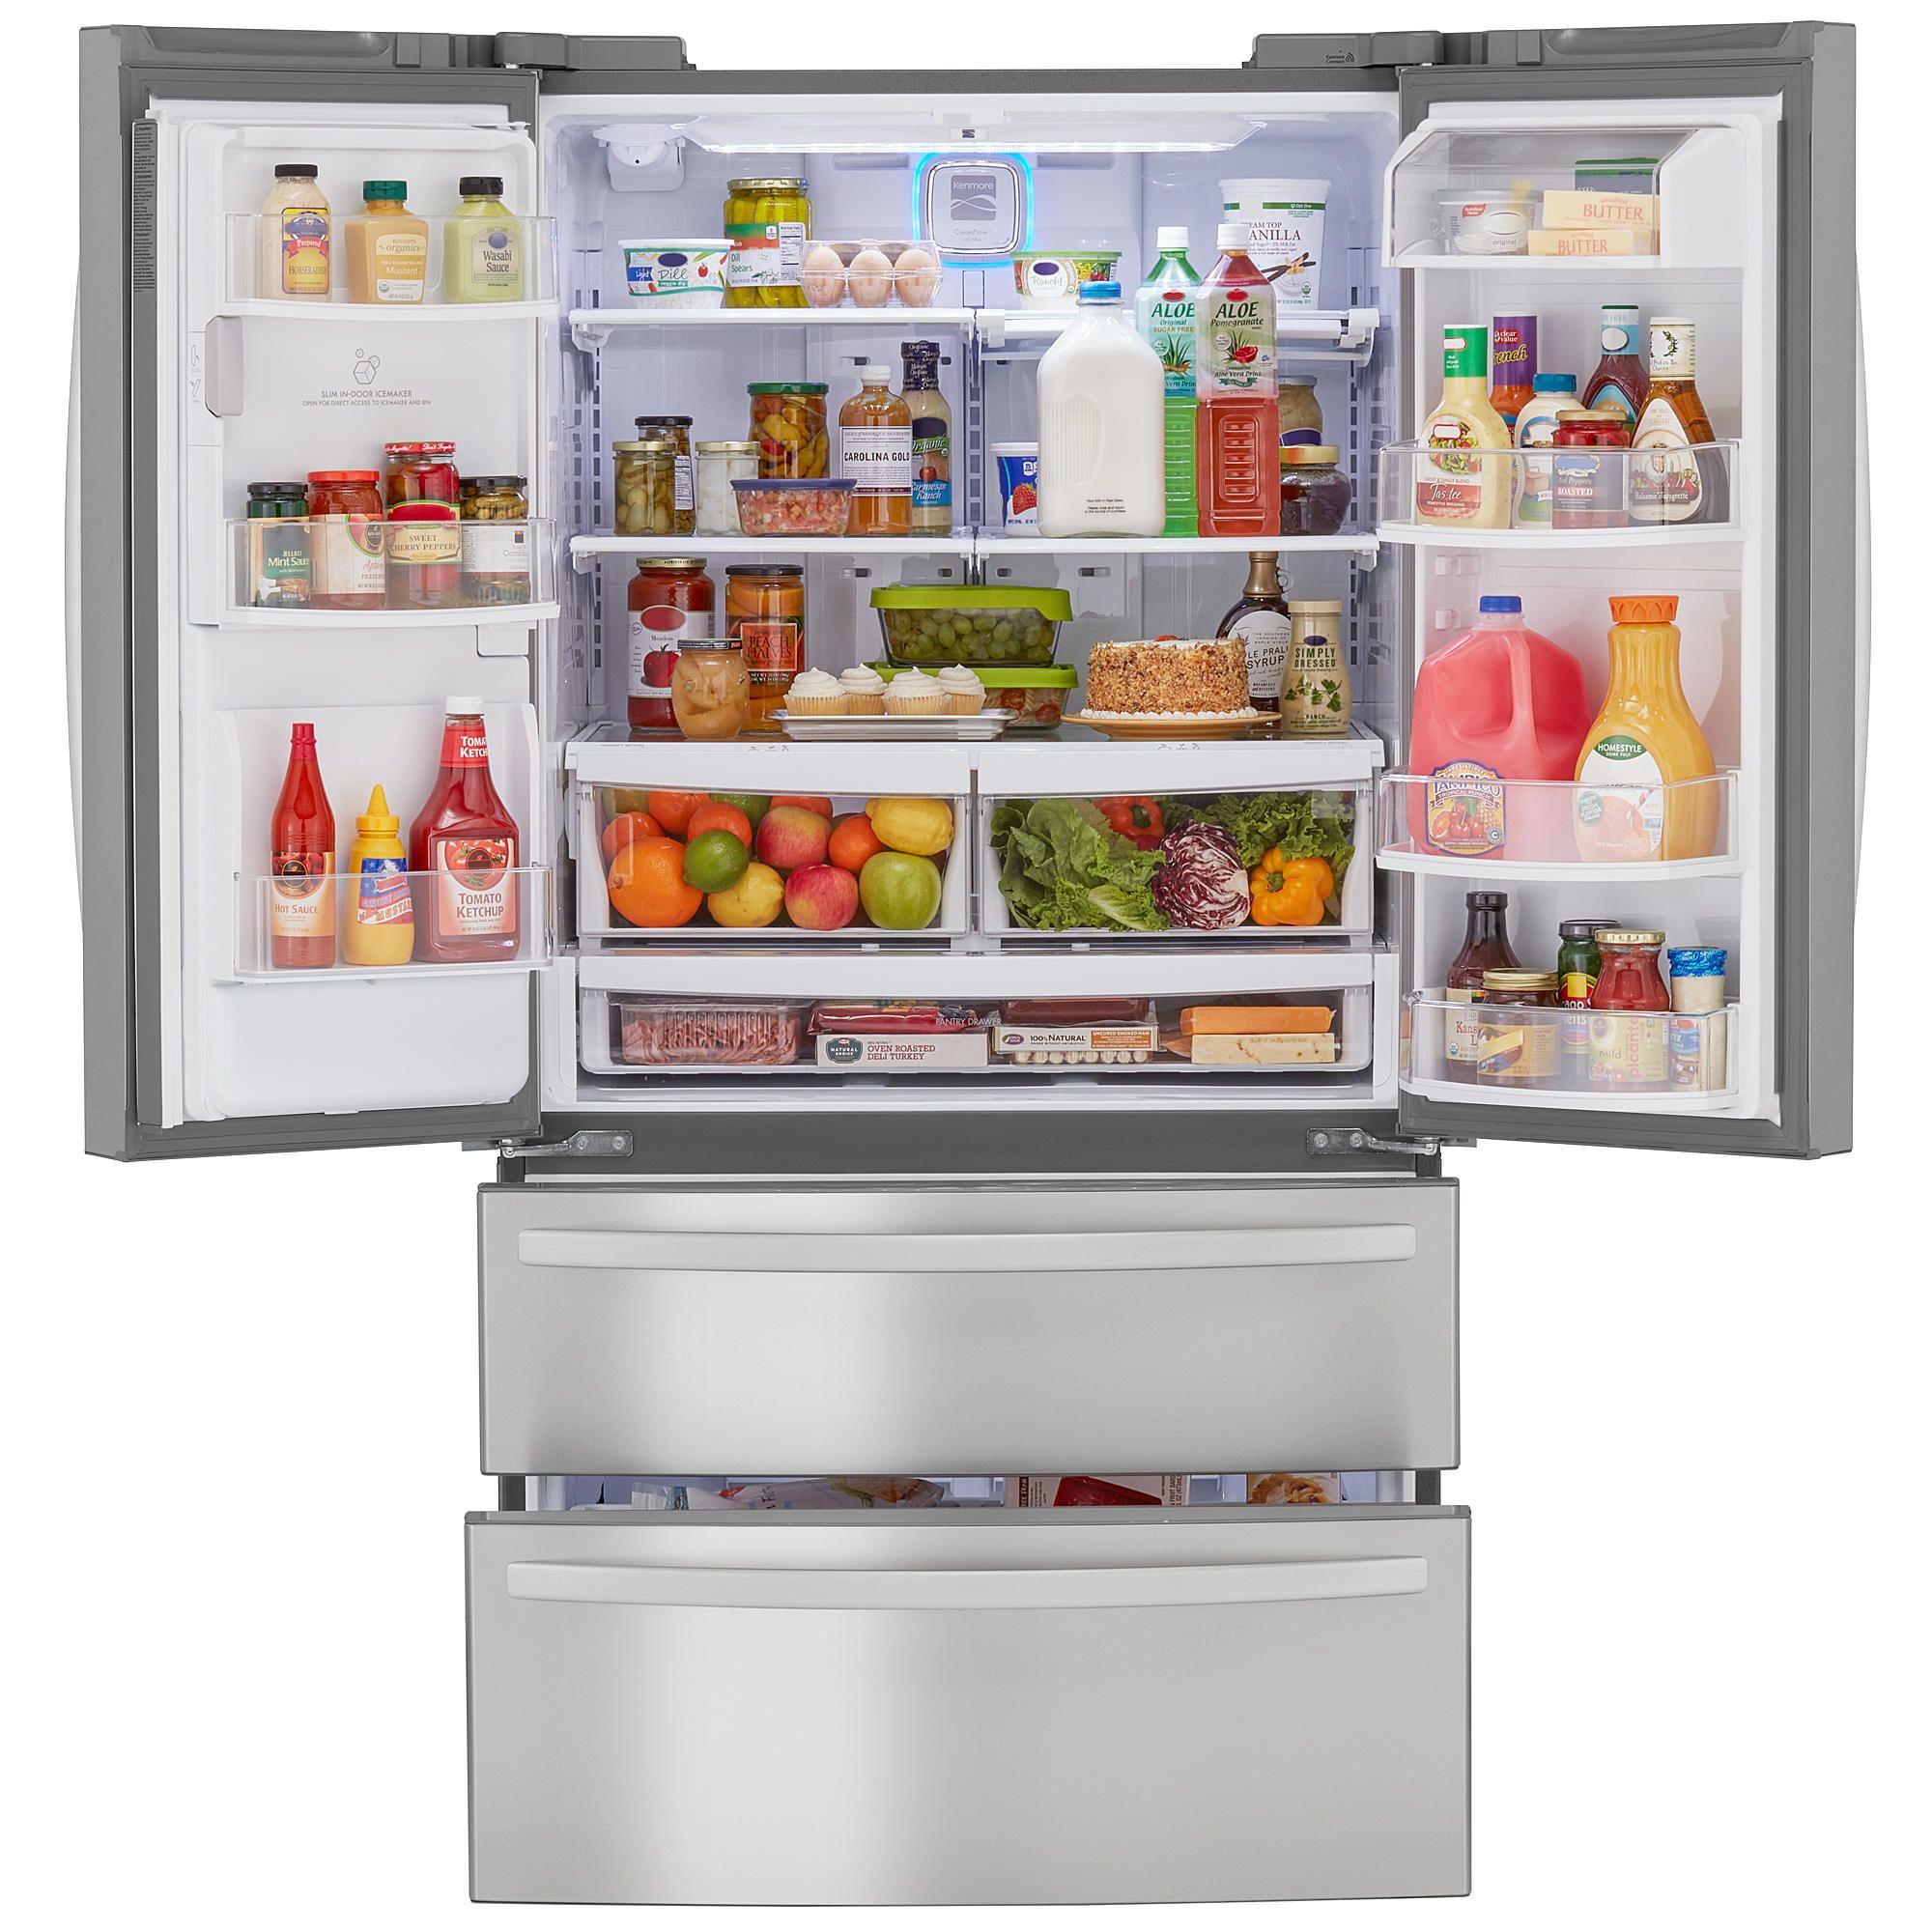 Kenmore Elite 29 8 Cu Ft French Door Bottom Freezer Refrigerator 2 French Door Bottom Freezer French Door Bottom Freezer Refrigerator Bottom Freezer